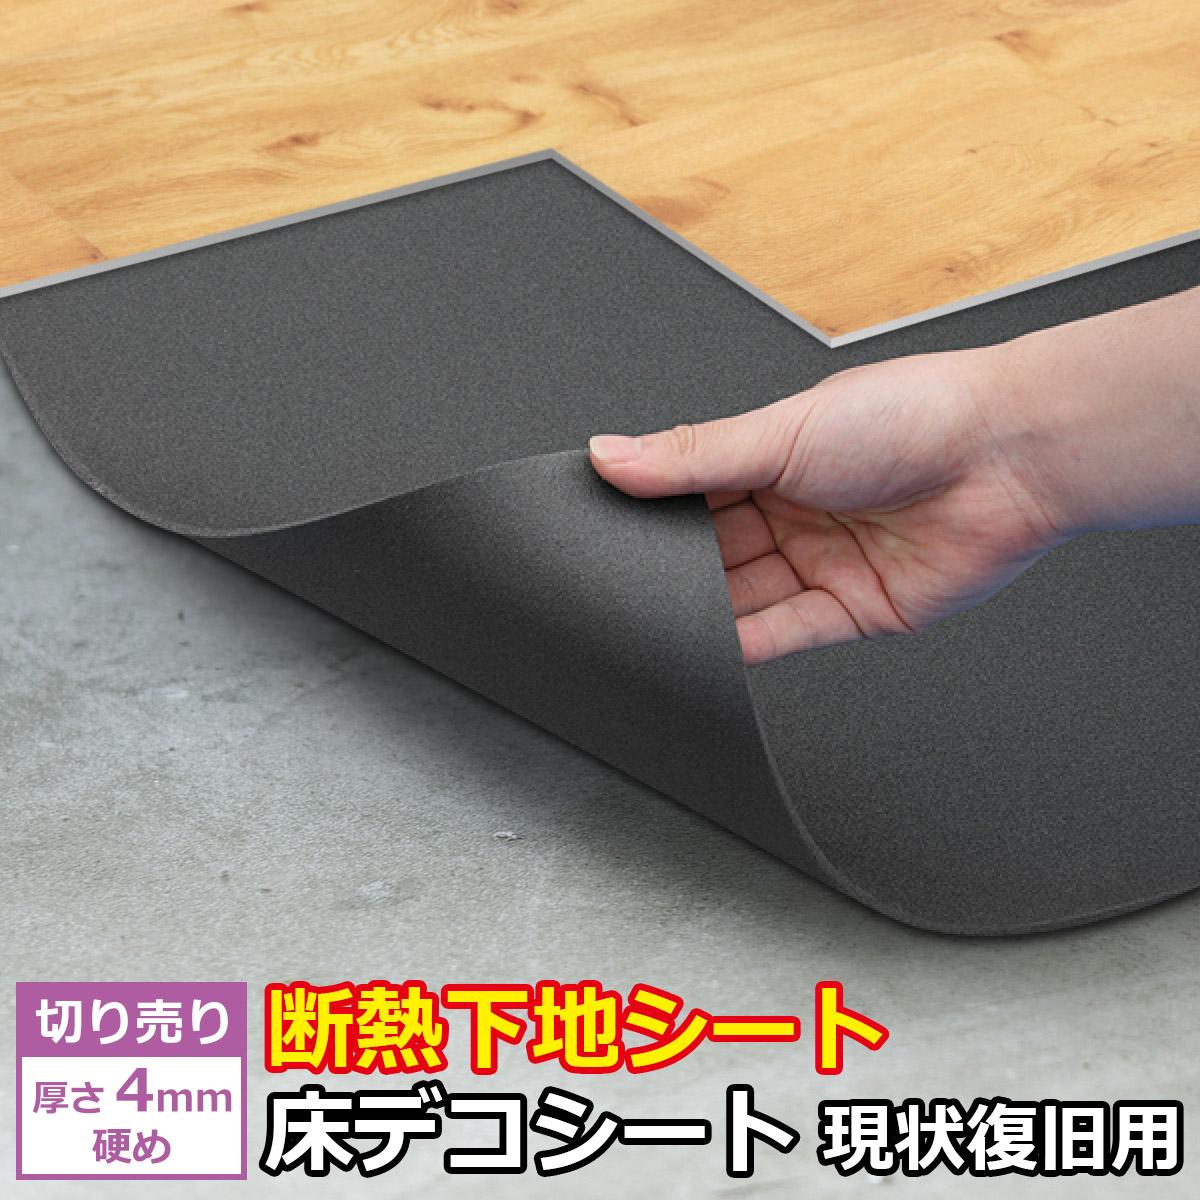 断熱下地シート 床デコシート 現状復旧用 厚さ4ミリ 硬め 切り売り